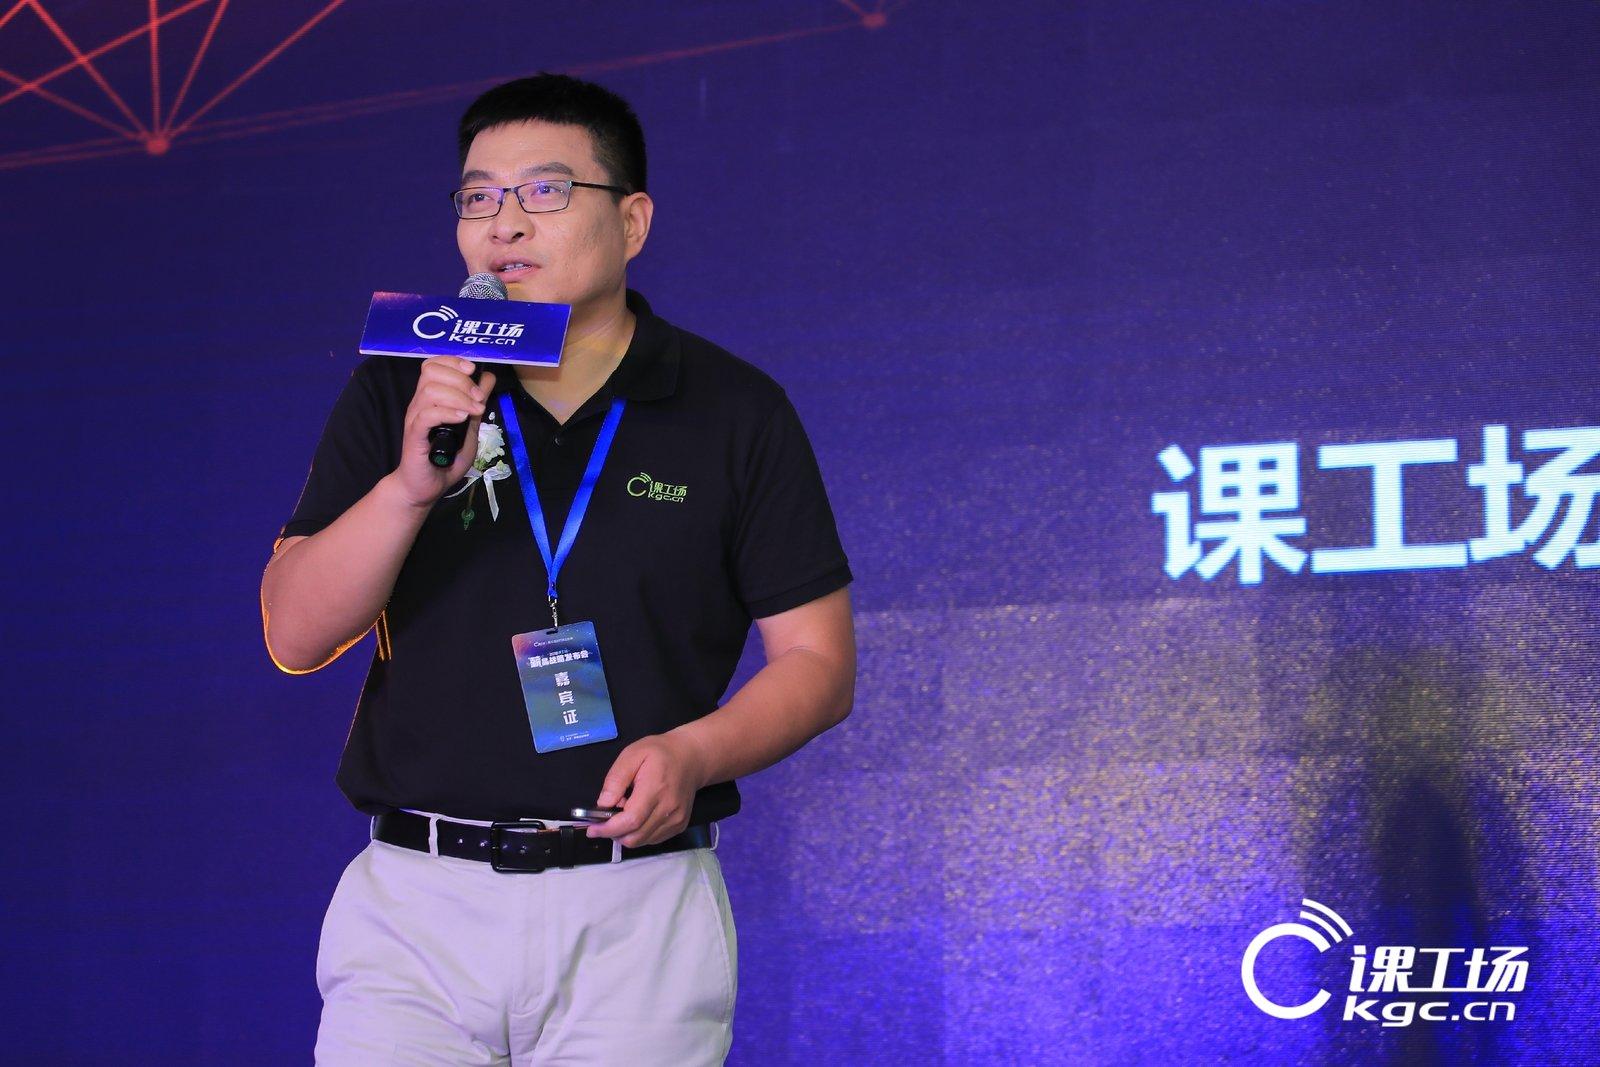 课工场创始人肖睿:我国人工智能发展需要大量基础层人才